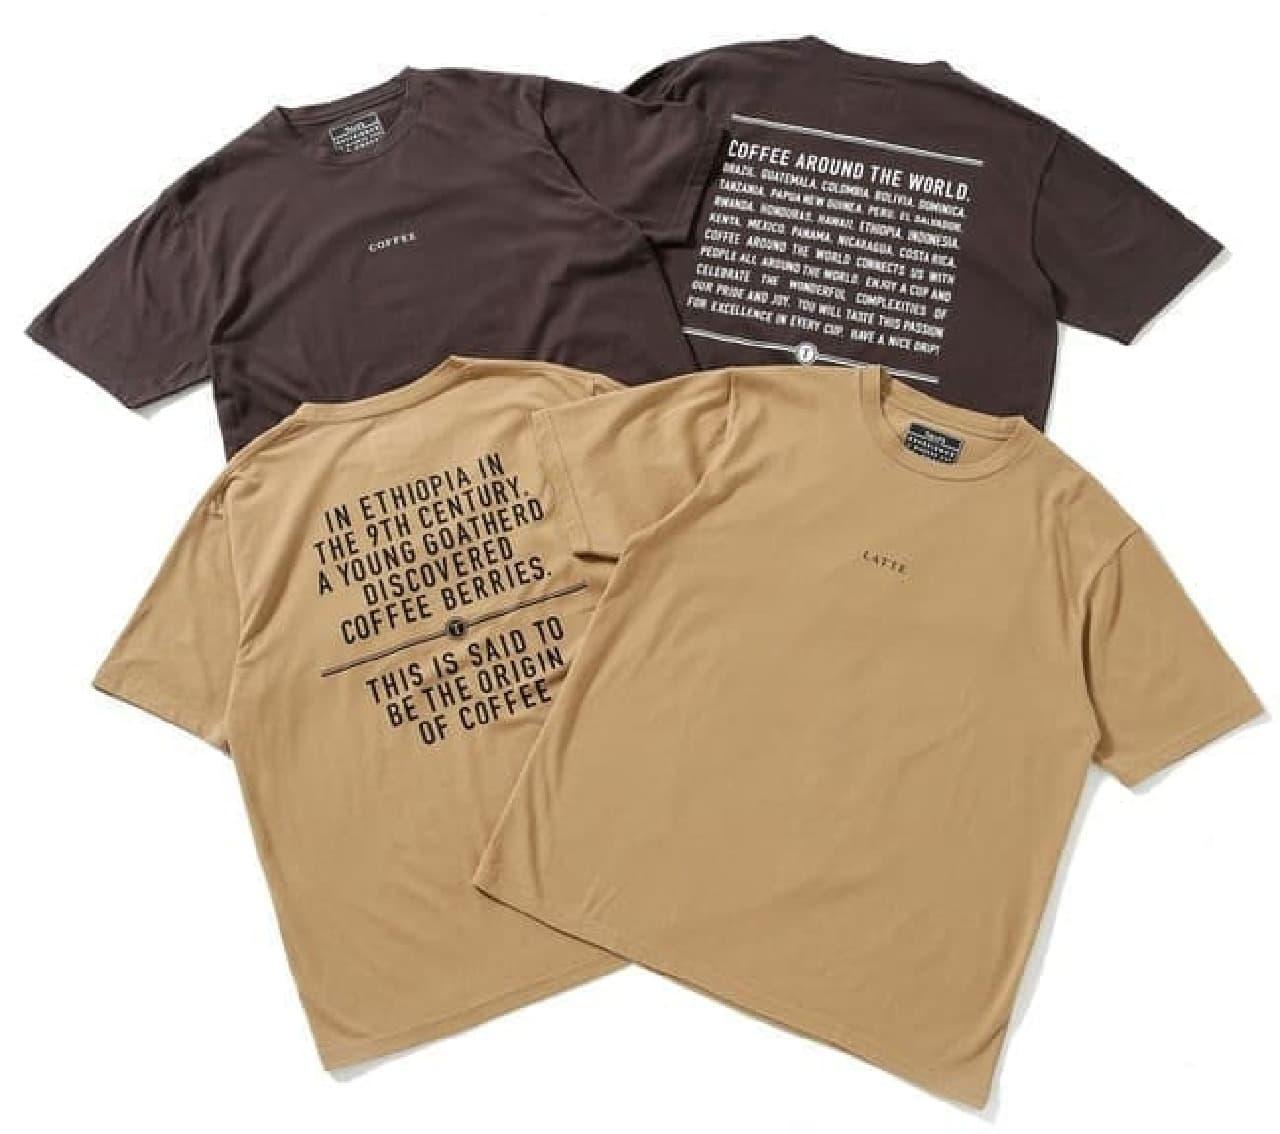 タリーズコーヒー×ナノ・ユニバースのTシャツ -- オーガニックコットン100%&コーヒー抽出殻で染色